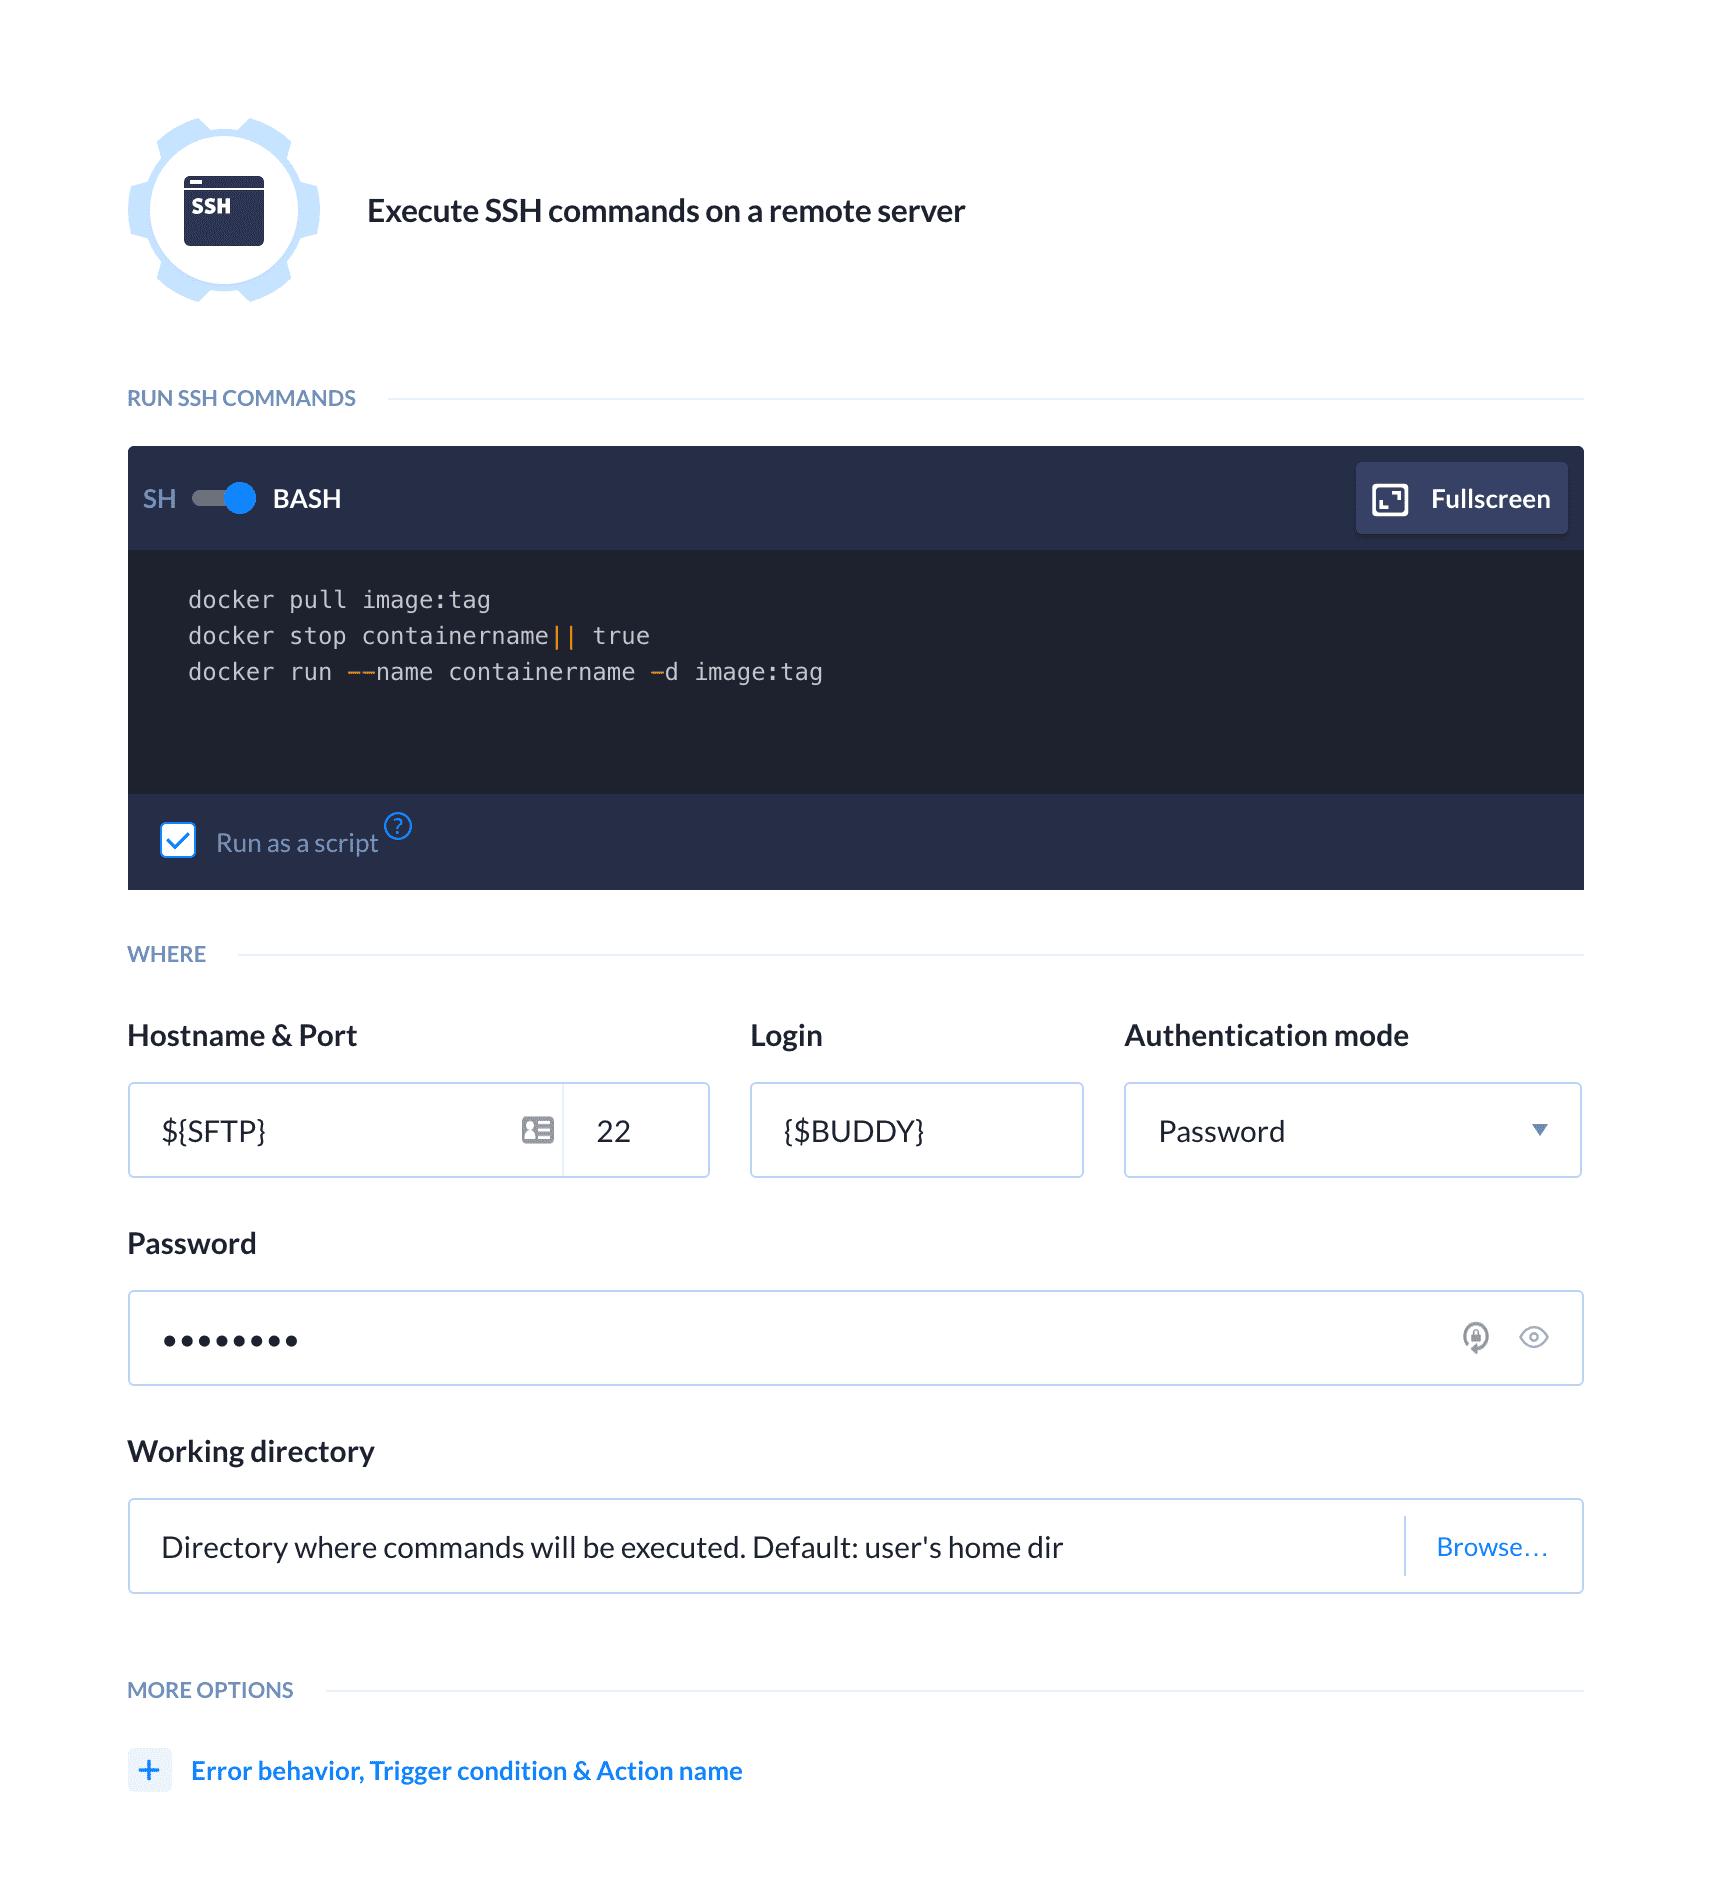 SSH action details